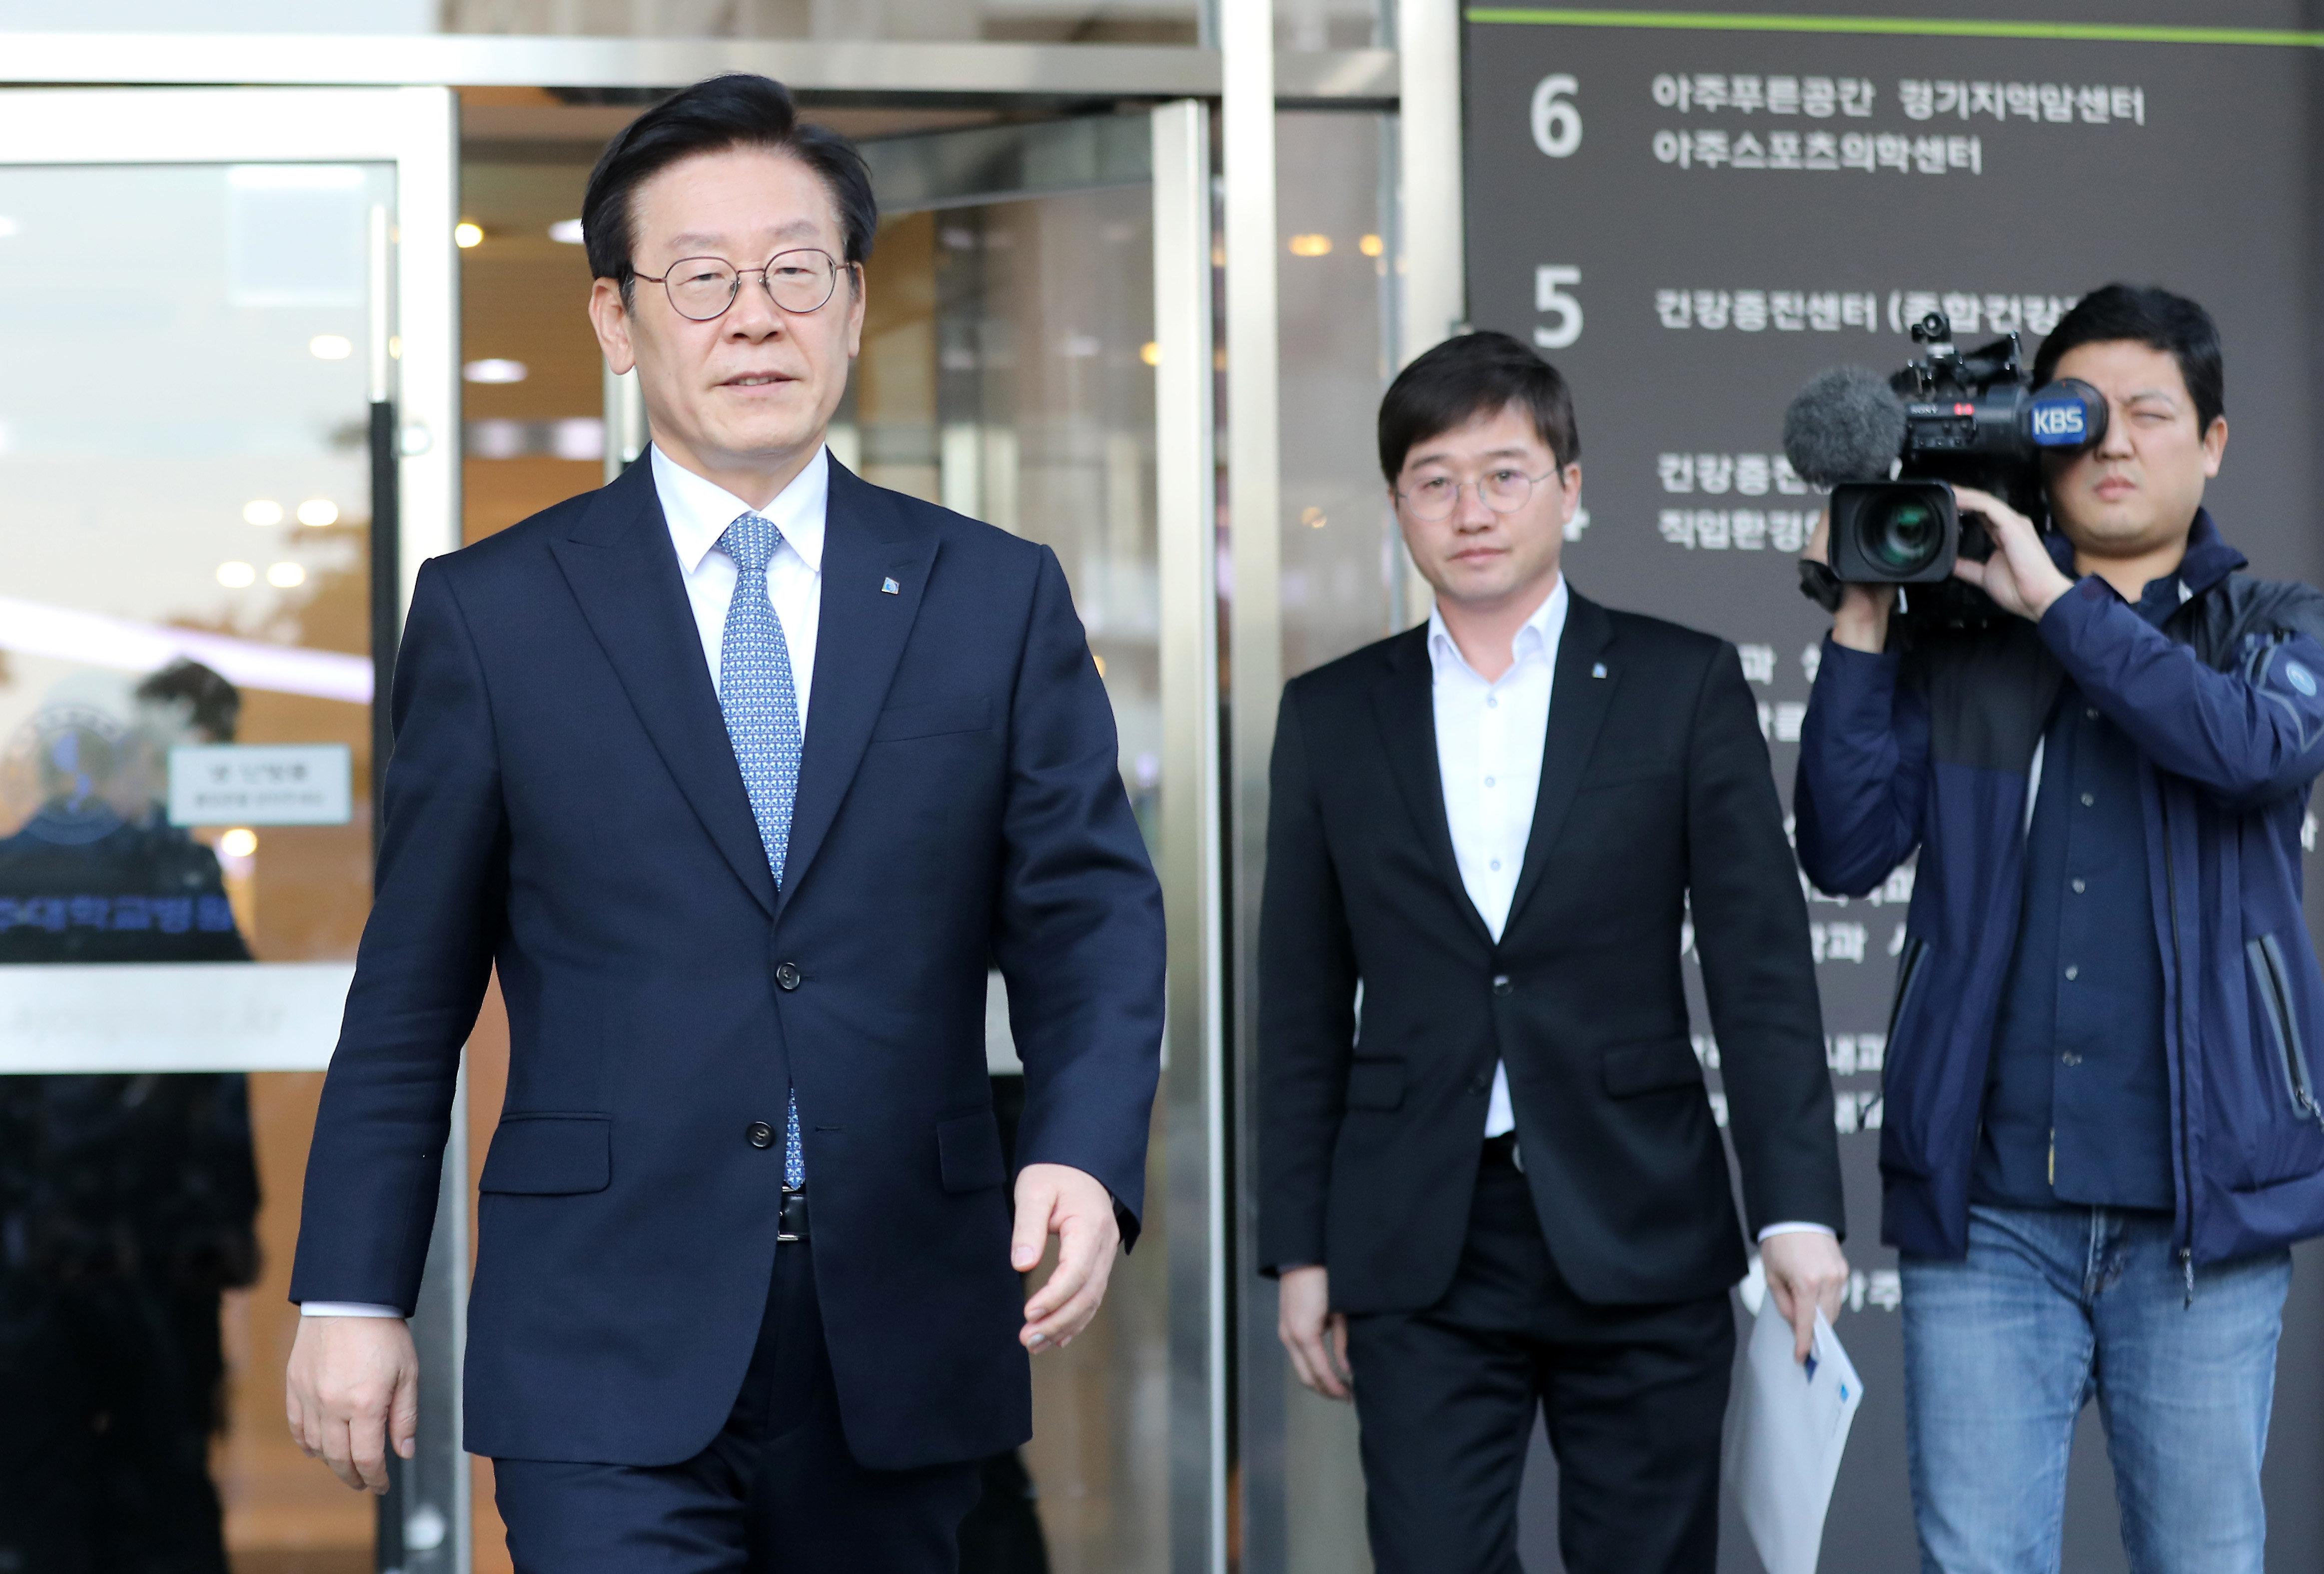 이재명 지사가 오늘 '친형 강제입원' 등에 대한 조사를